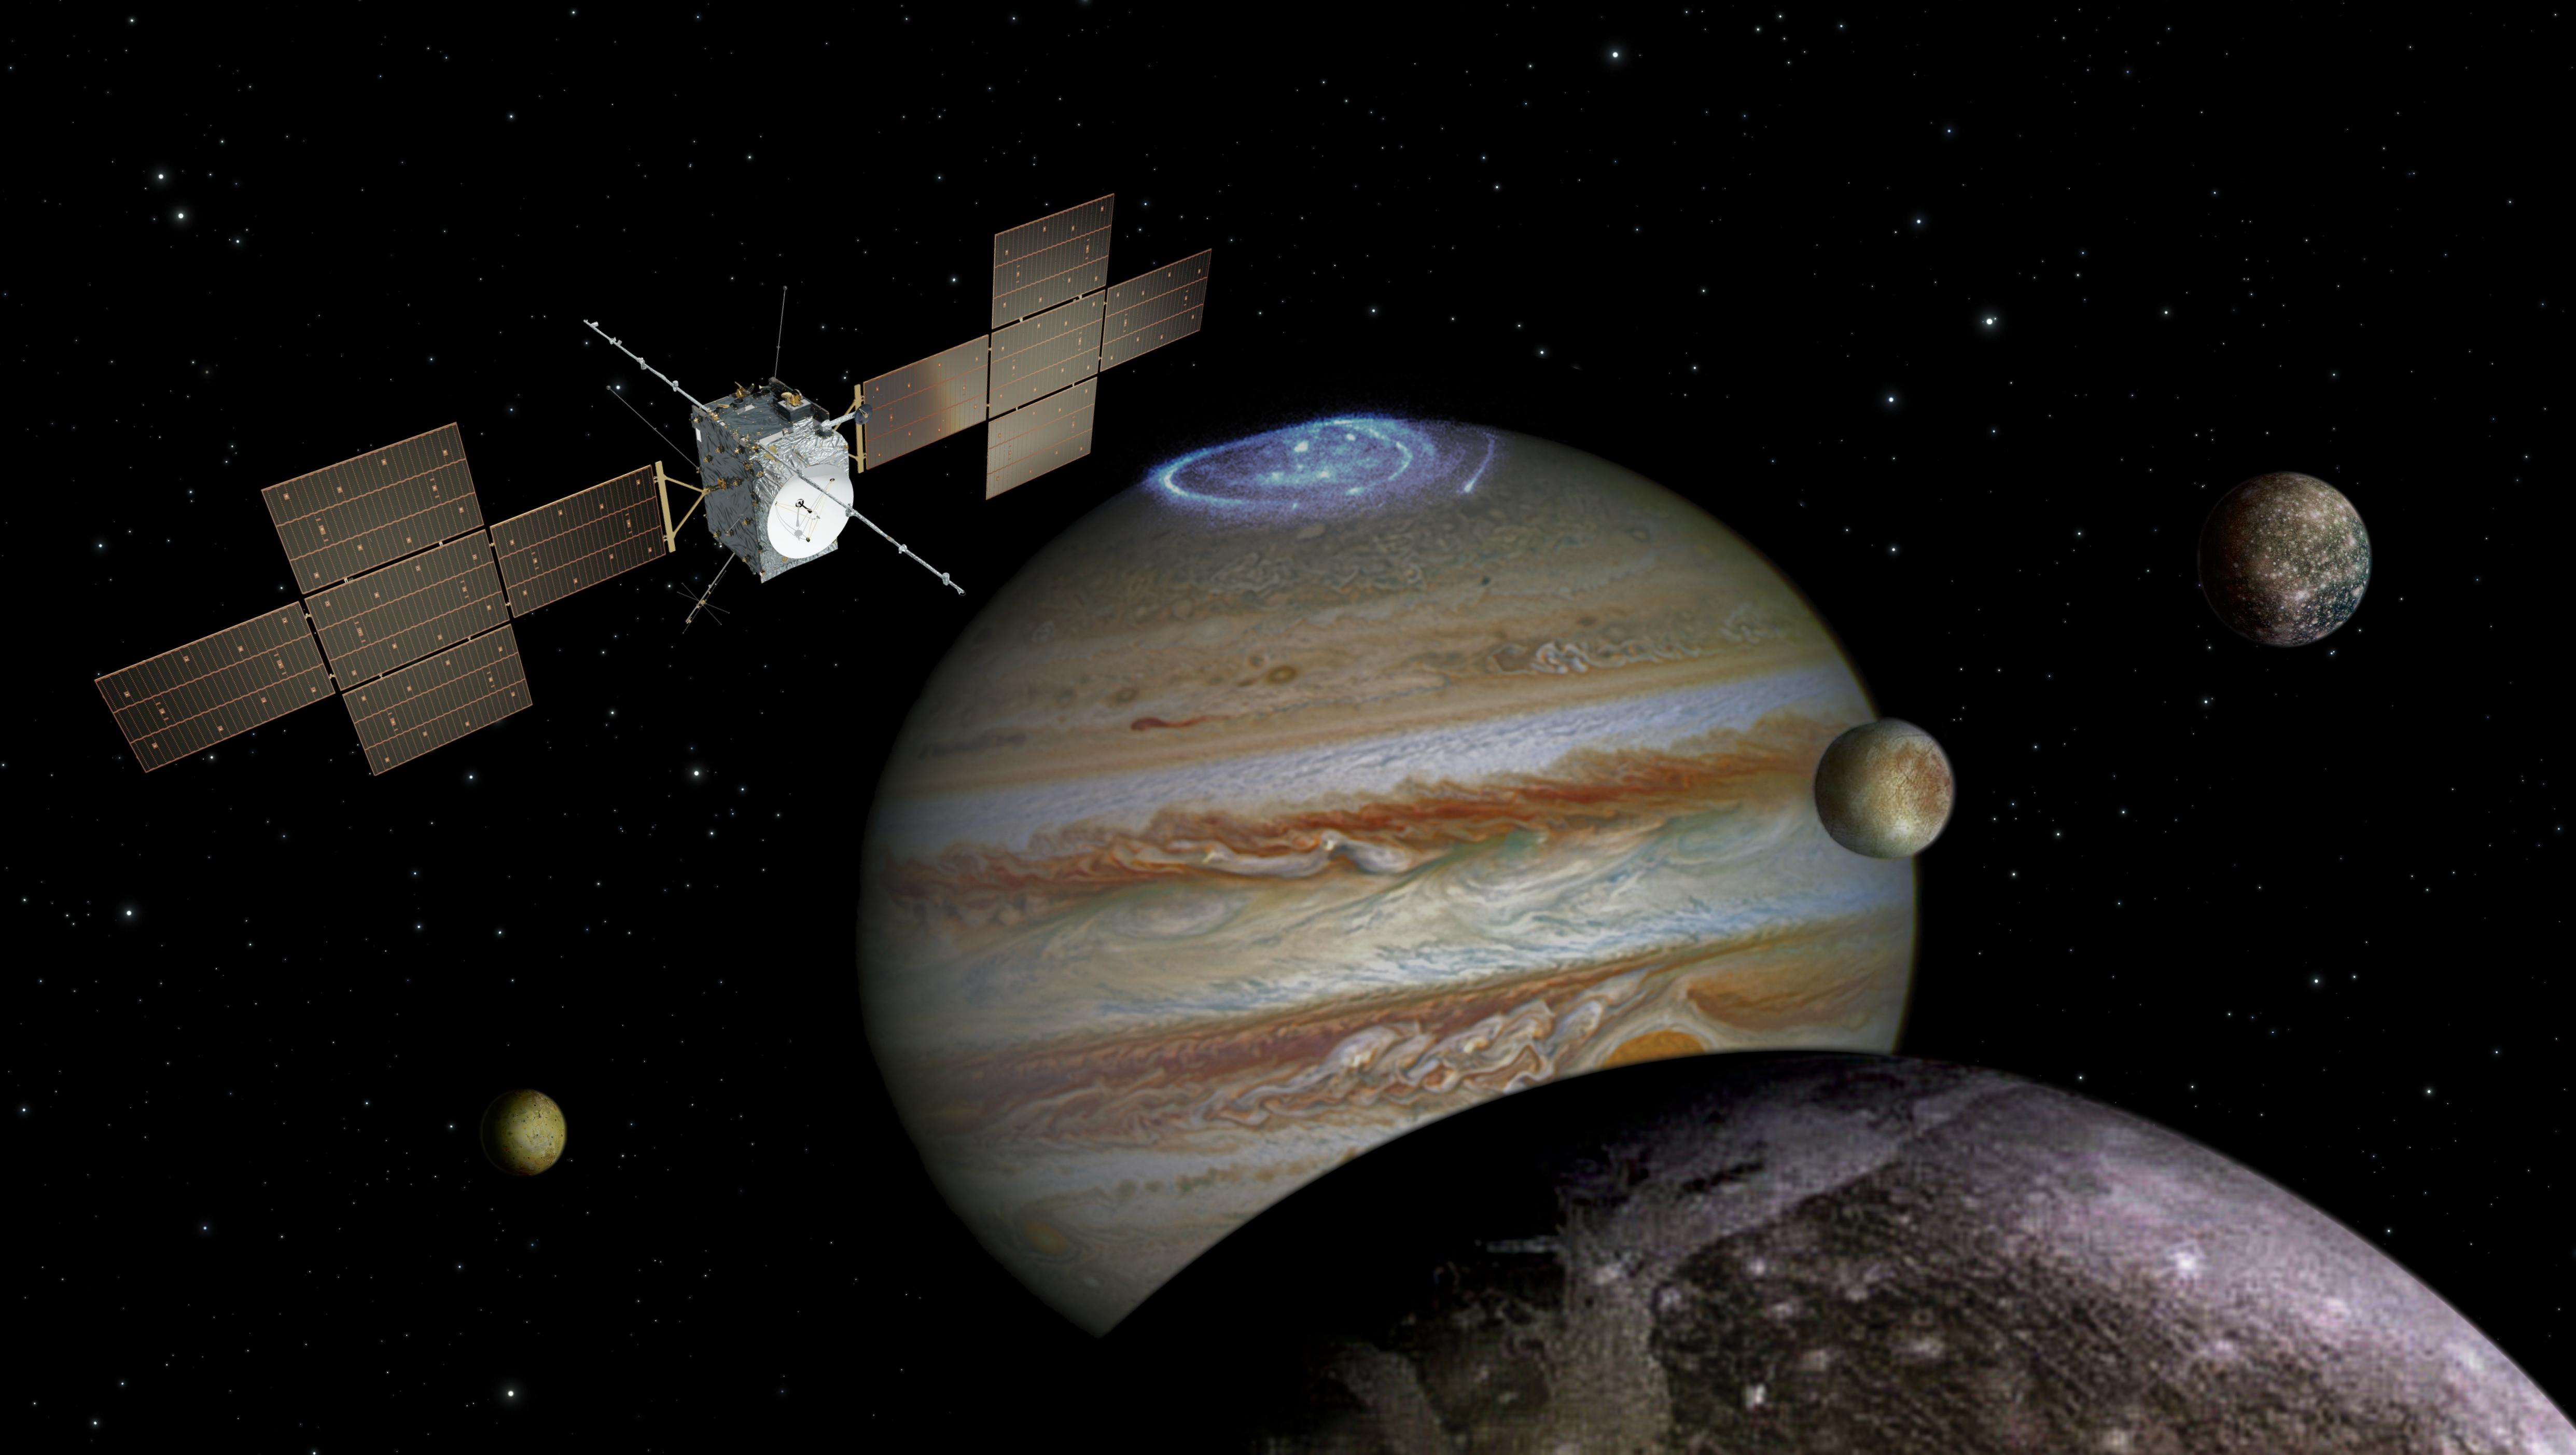 Juice med Jupiter (i bakgrunnen) og månene Ganymedes (i forgrunnen), Io (til venstre), Europa (midten) og Callisto (til høyre). Ikke i rett skala. Grafikk: ESA/ATG medialab/NASA/J. Nichols/JPL/University of Arizona/DLR